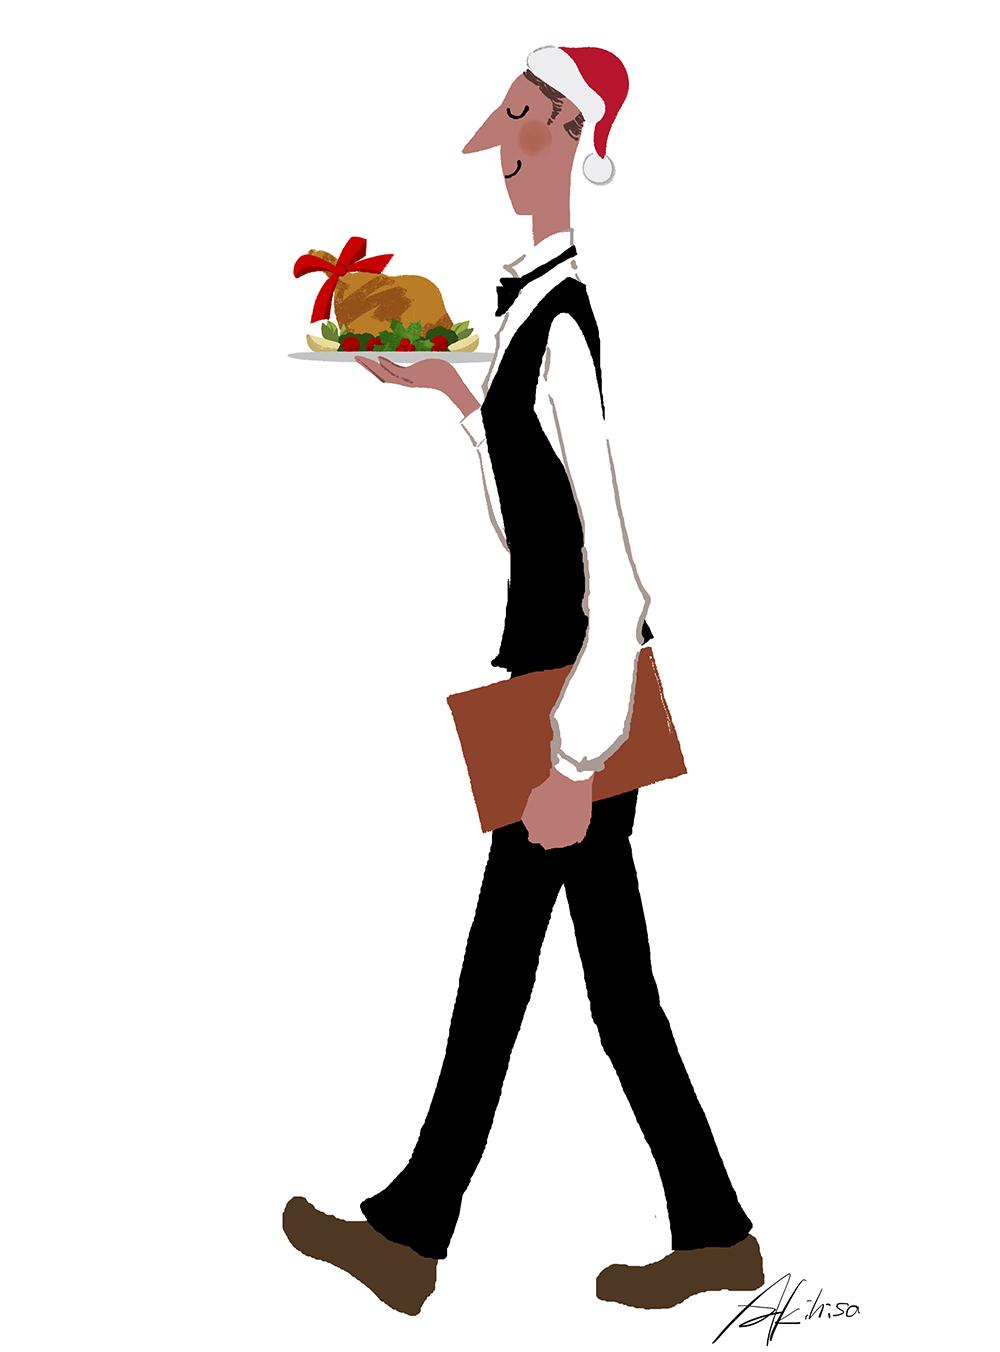 クリスマスの料理・チキンを運ぶウェイターのイラスト